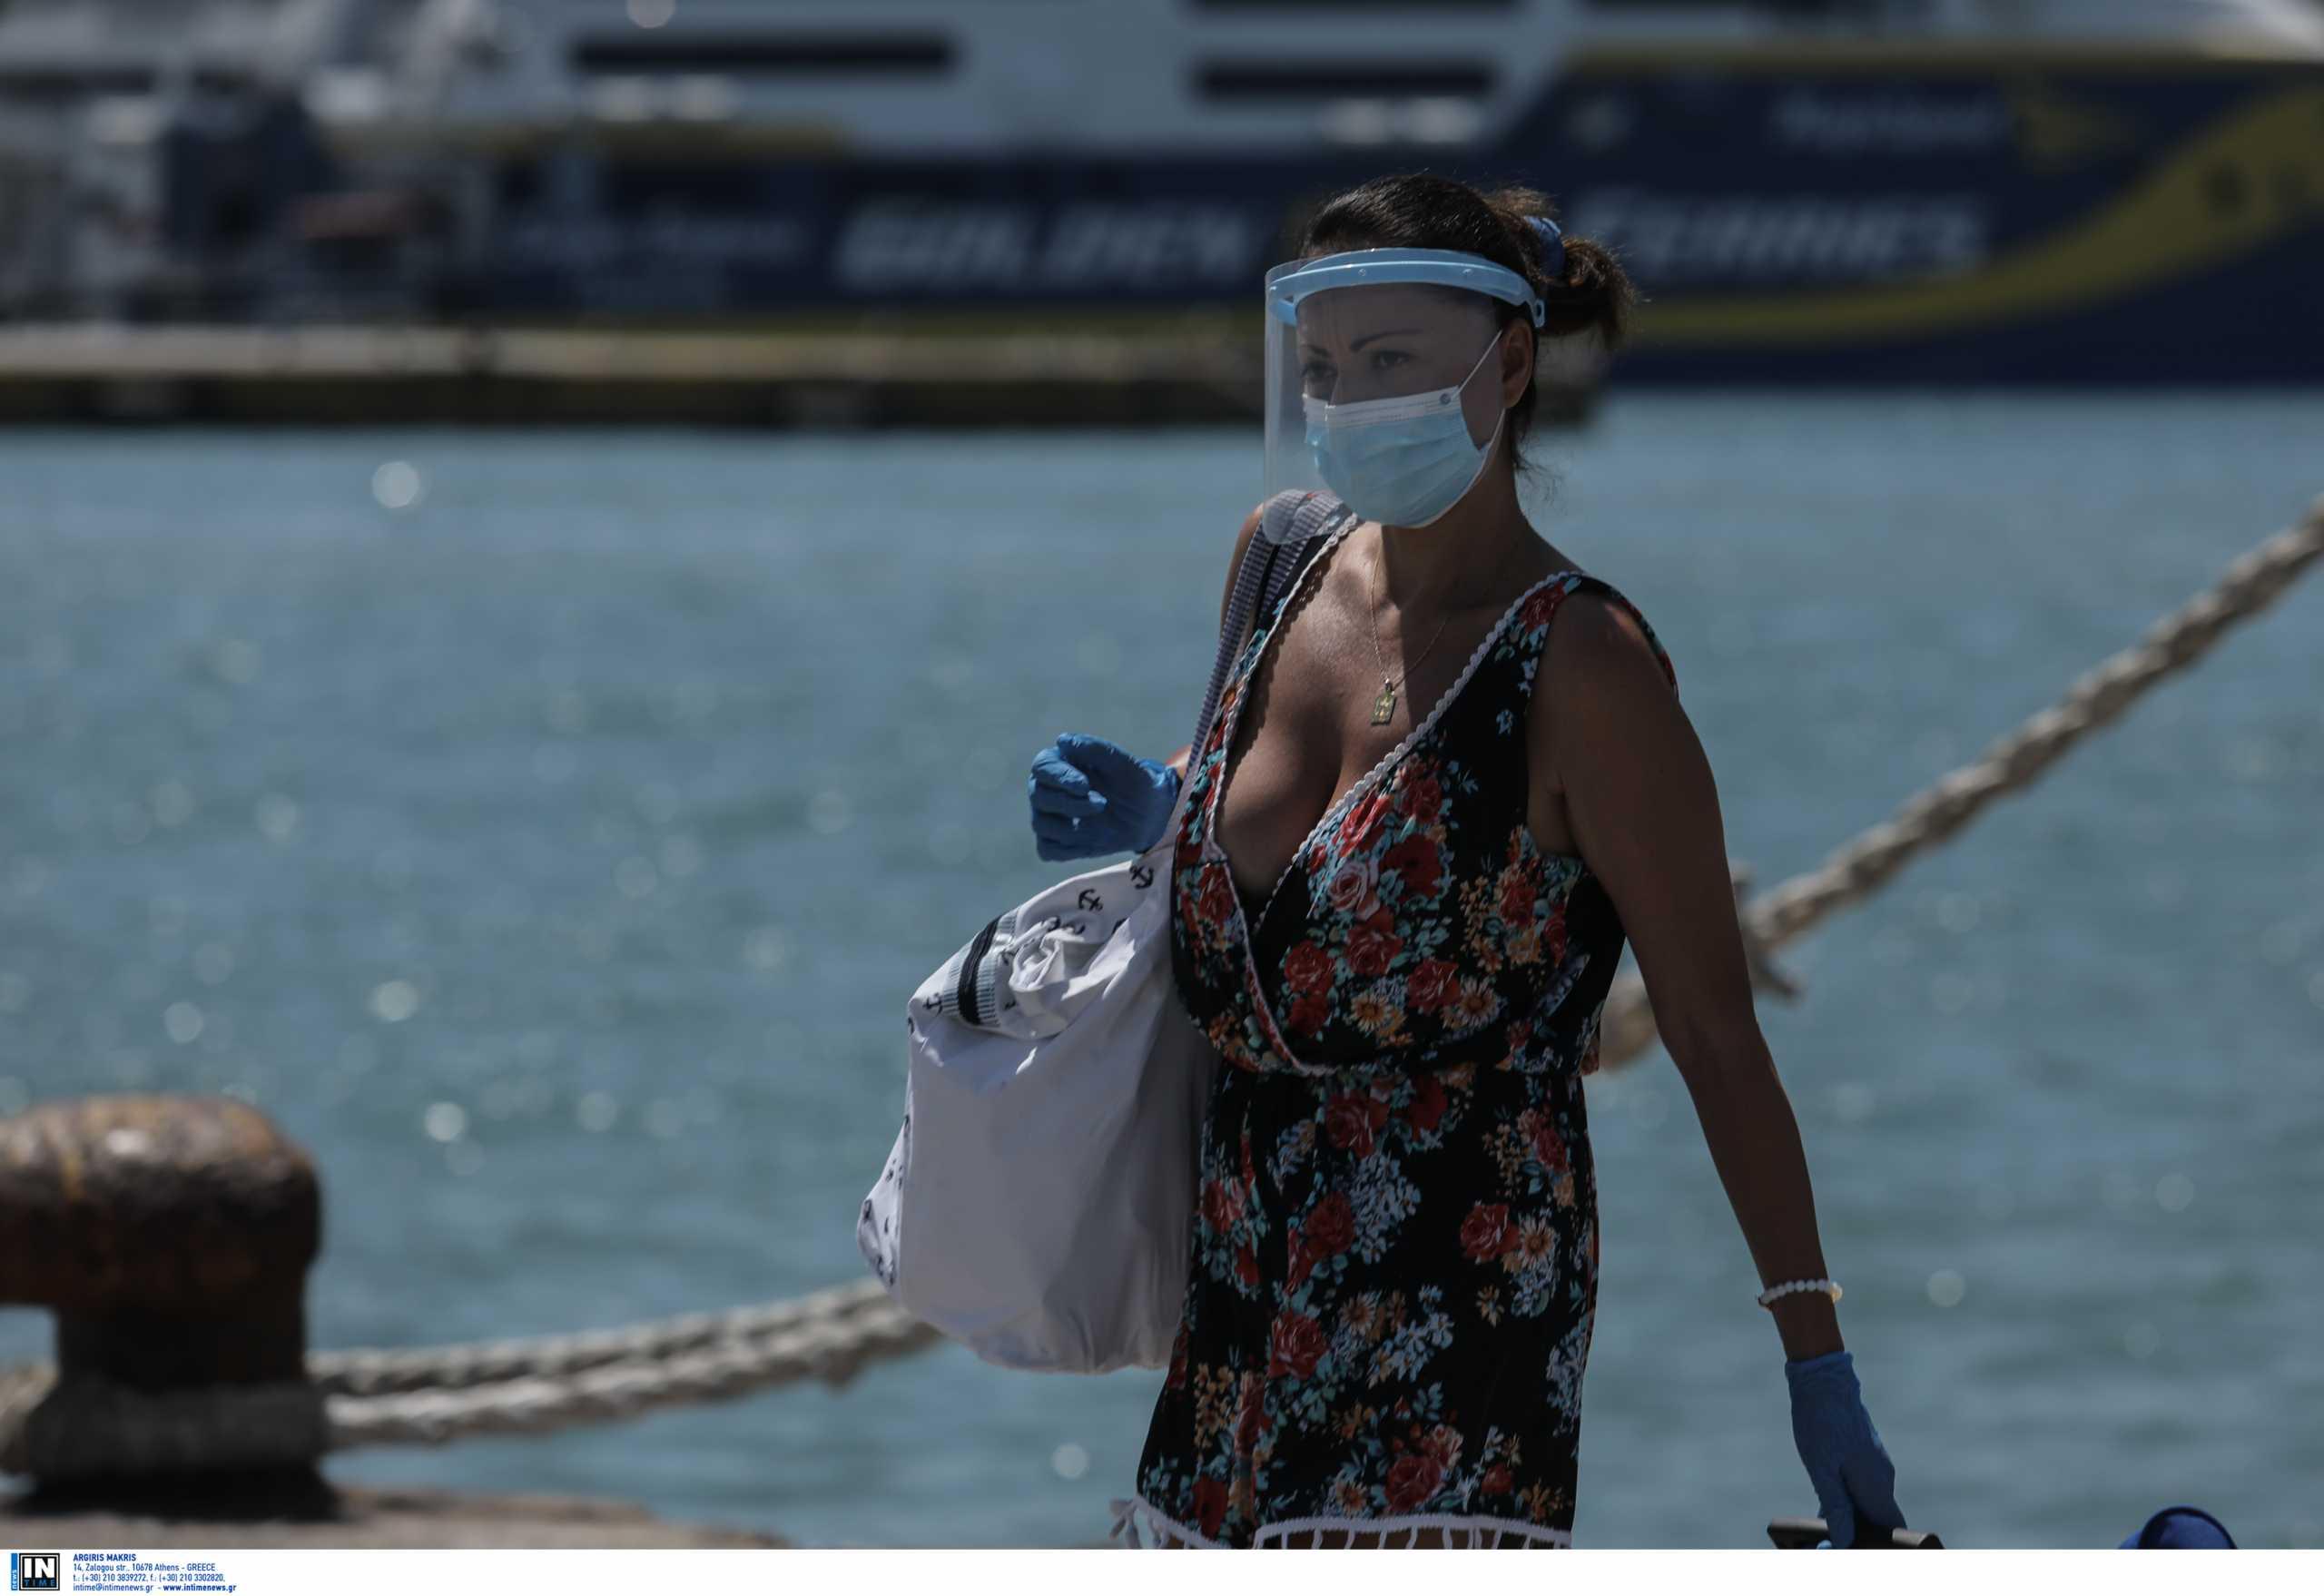 Κορονοϊός: 213 κρούσματα στην Αττική, ευχάριστη έκπληξη η Θεσσαλονίκη – Ο χάρτης της διασποράς